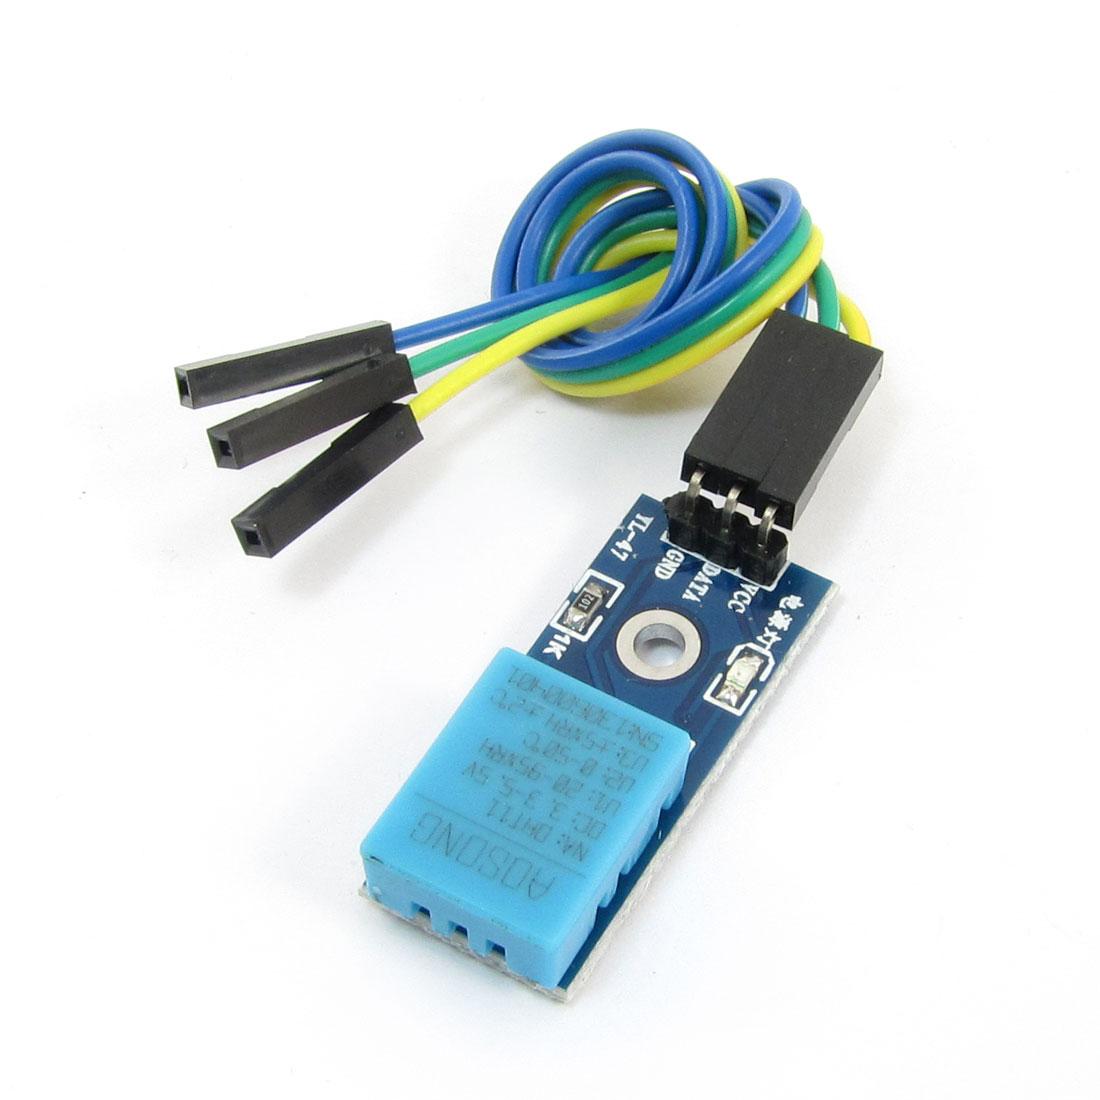 DC 3.3-5V 3 Wire Cable DHT11 Temperature Humidity Sensor Module Probe